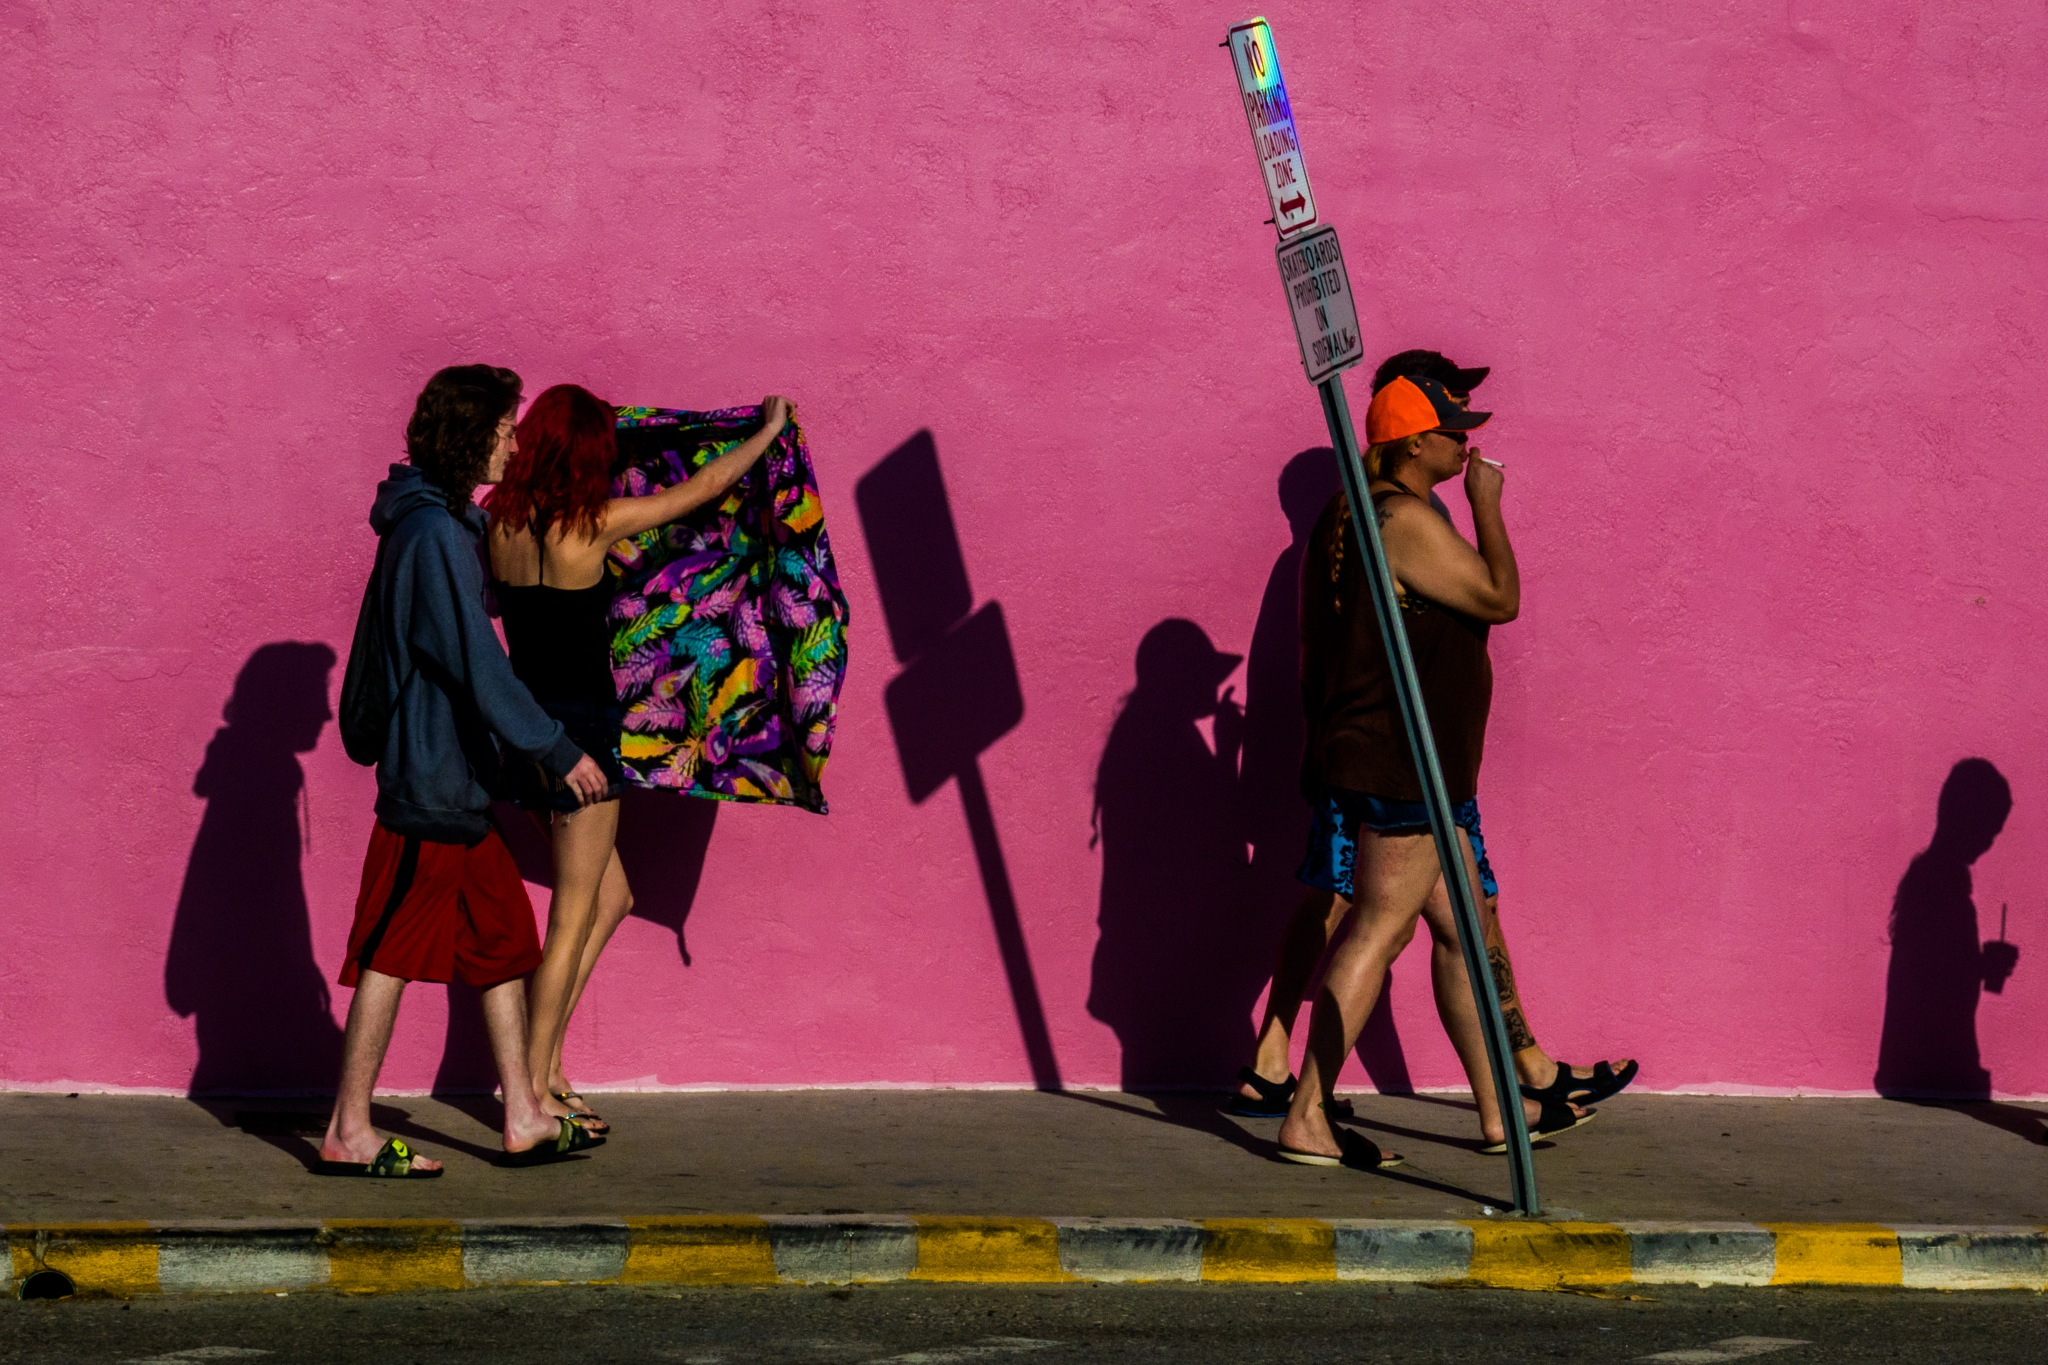 The towel by Carlos Antonorsi